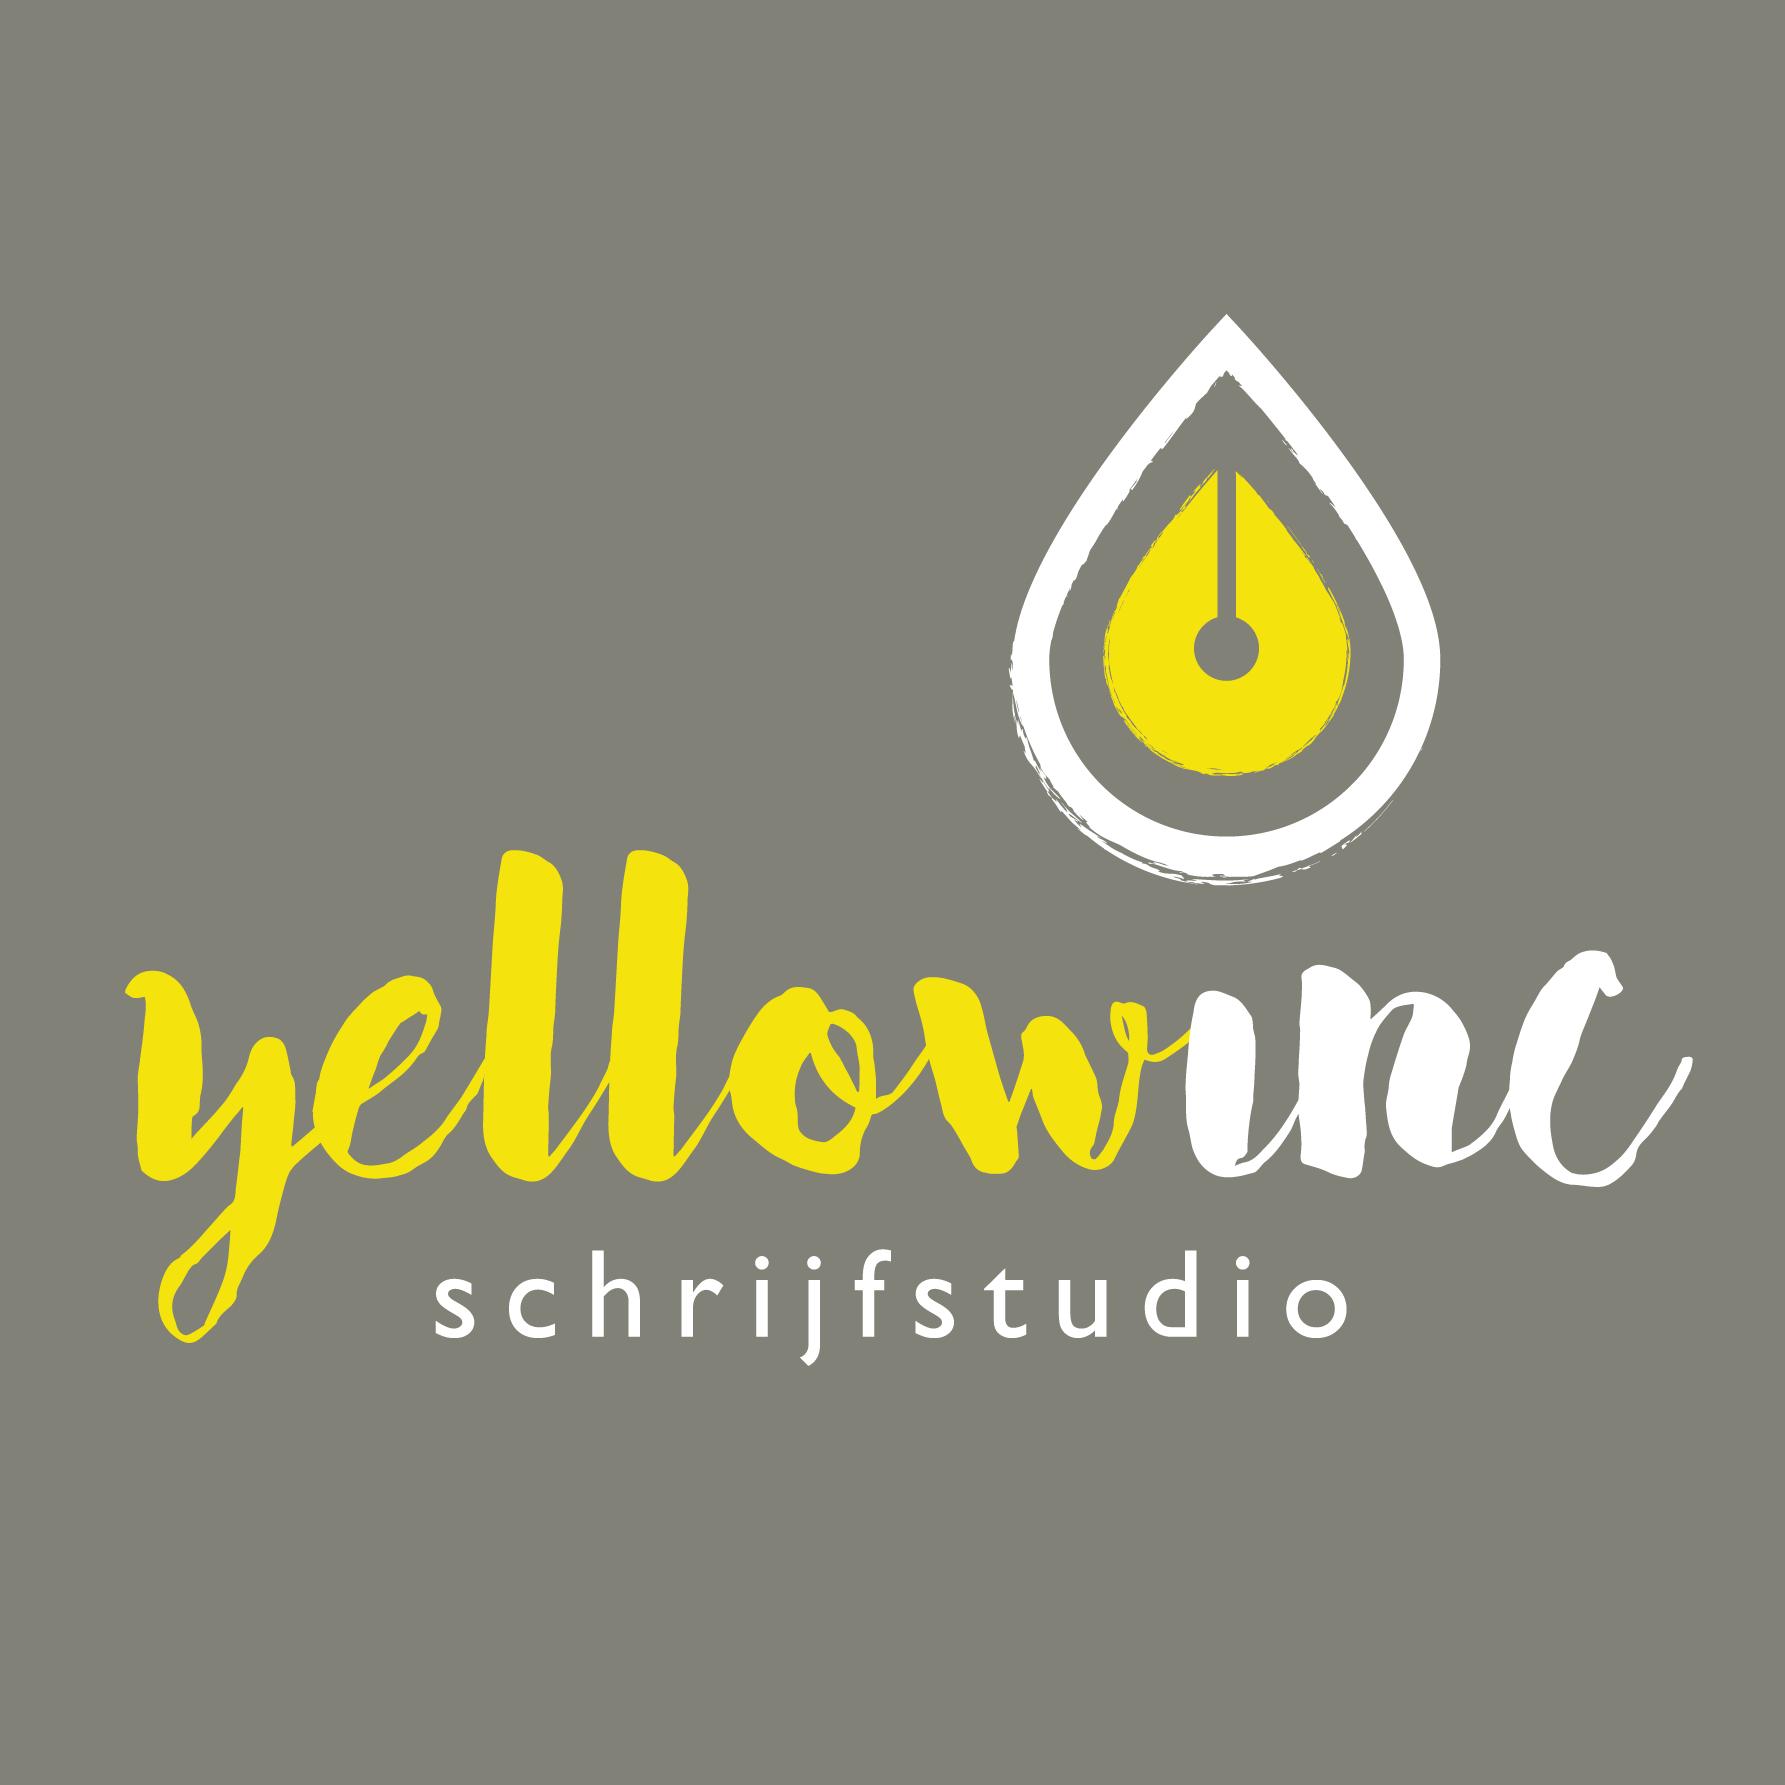 YELLOWINC Schrijfstudio logo huisstijl